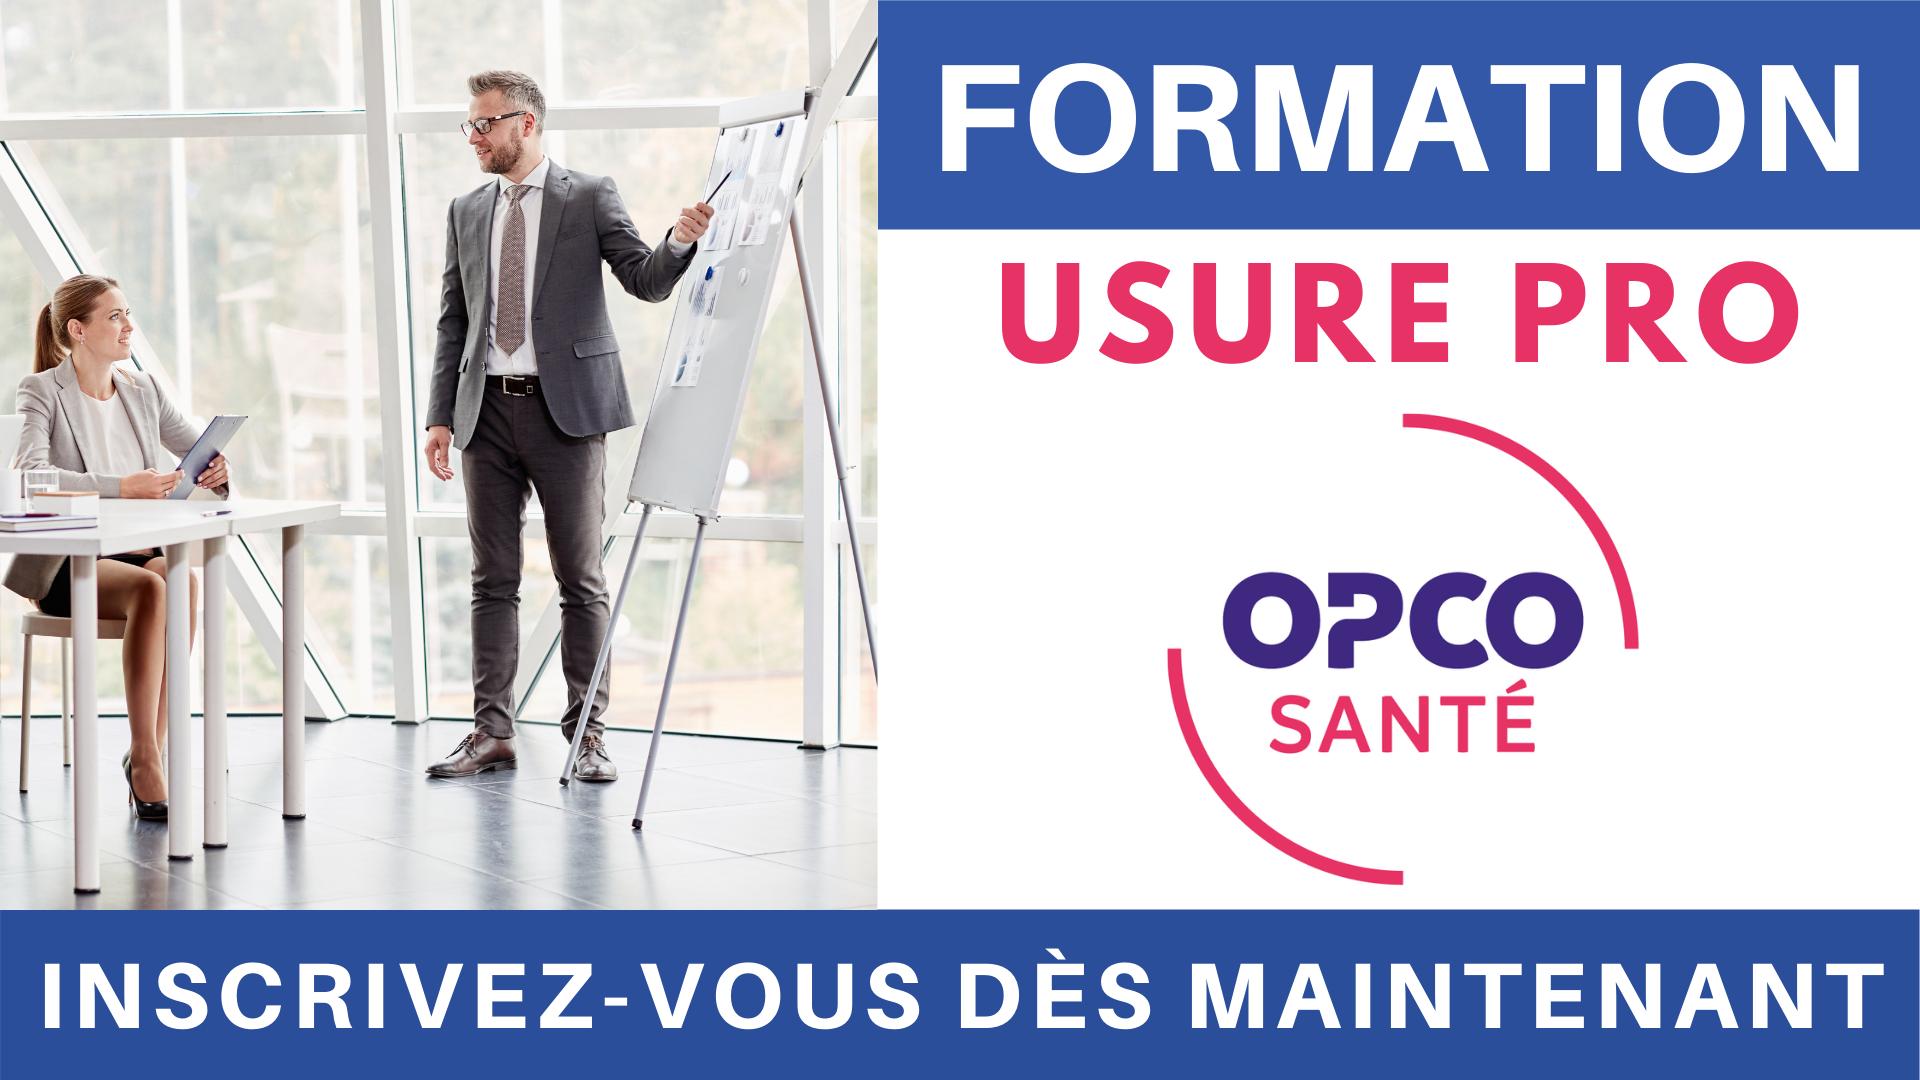 Formation Usure professionnelle OPCO Santé UNIFAF